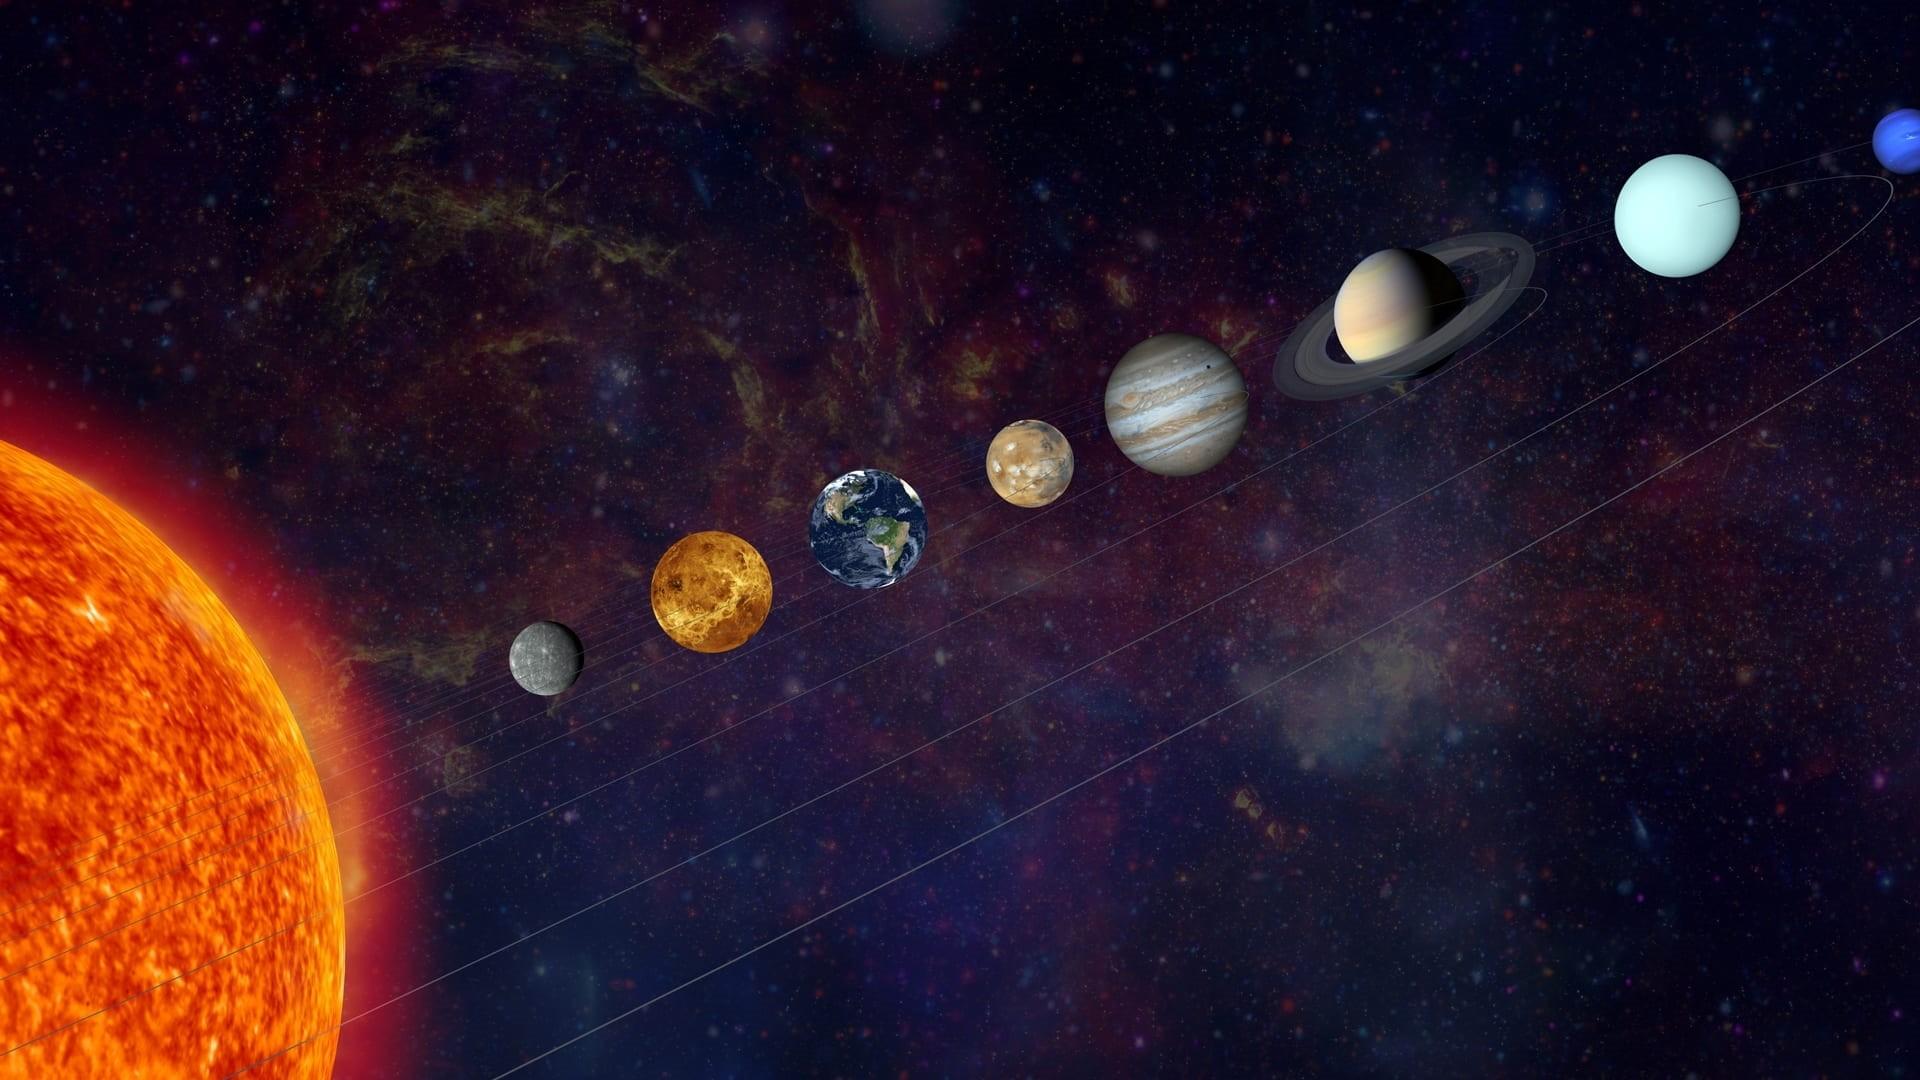 Solar System HD Wallpaper